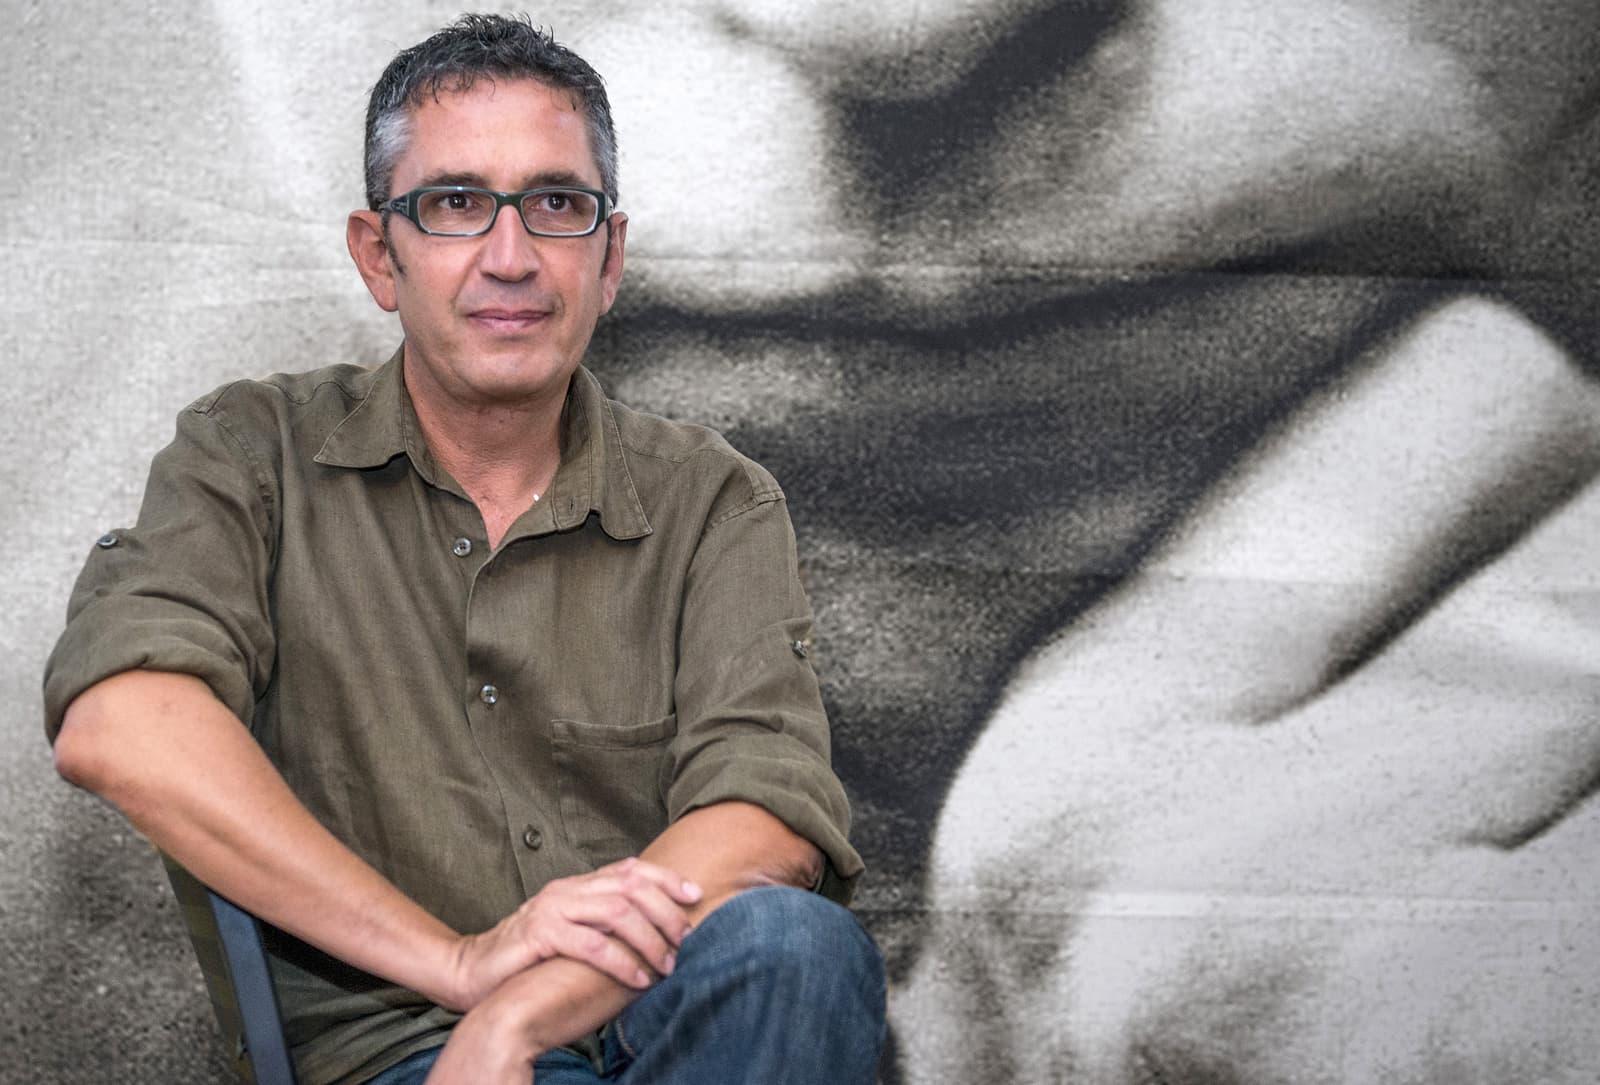 L'escriptor Manuel Baixauli el 2015 a l'Ateneu de Barcelona. Fotografia de Ferran Sendra